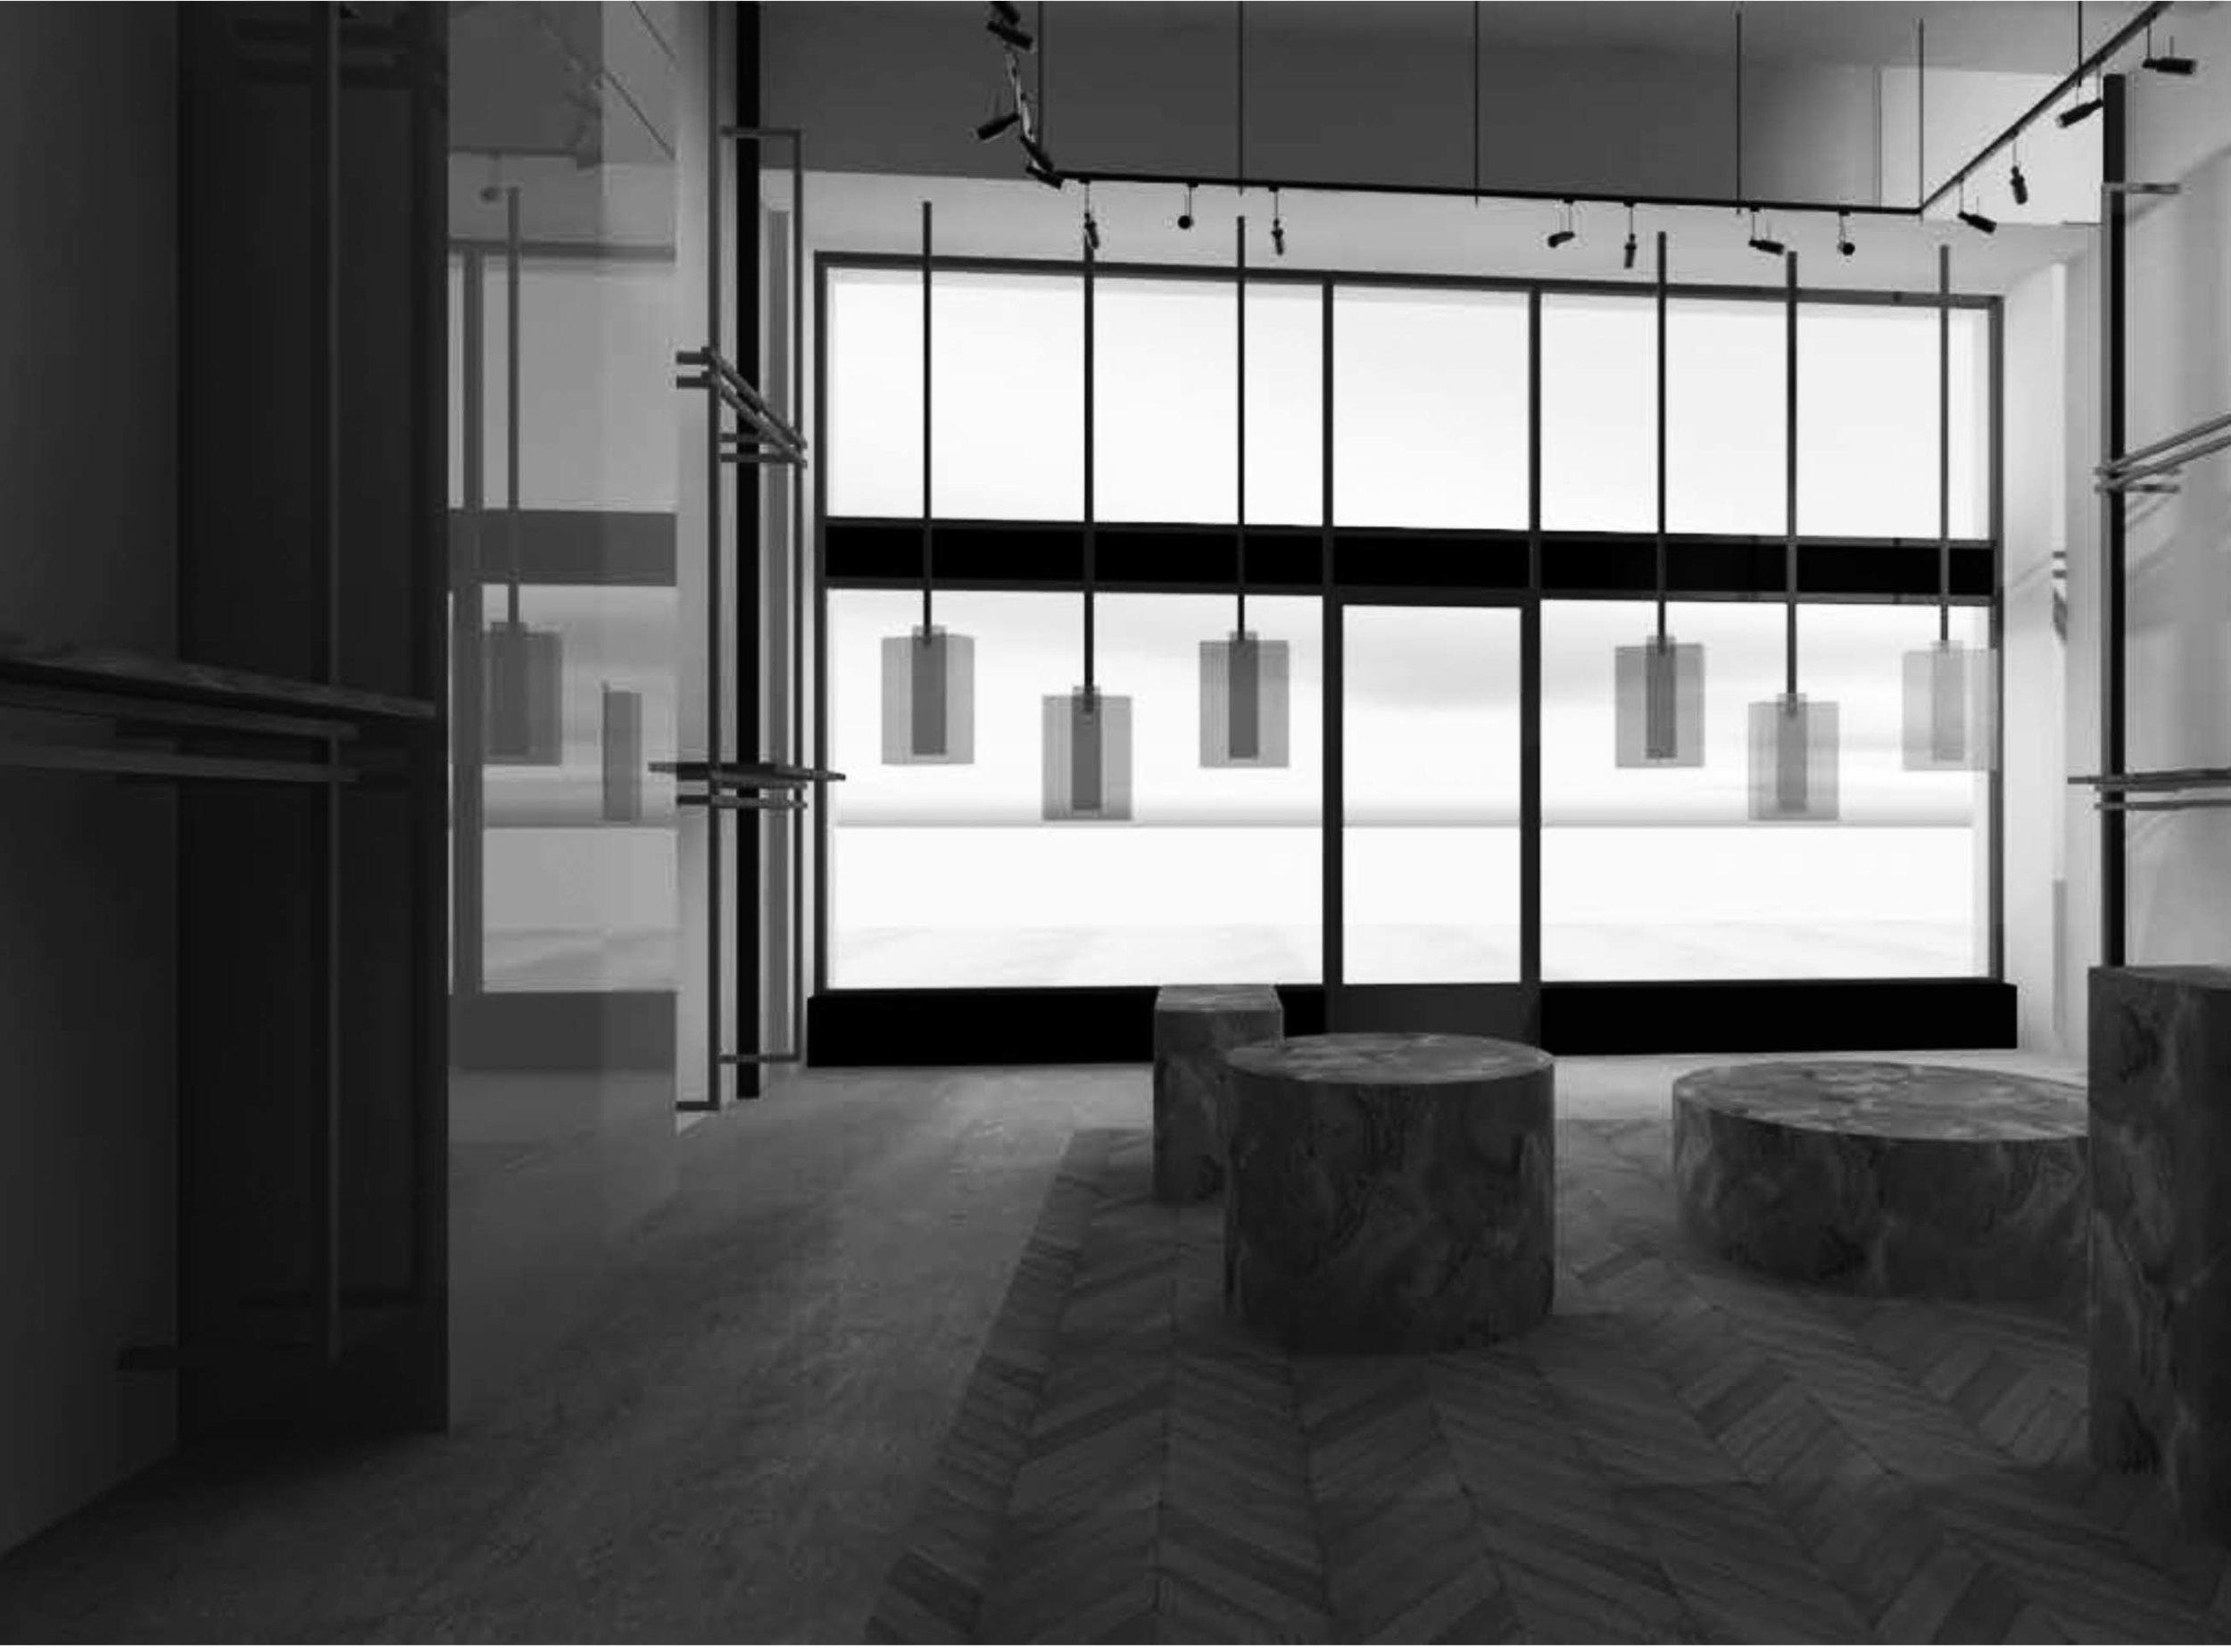 012 DANTE6  lex de Gooijer Interiors meent-123.jpg